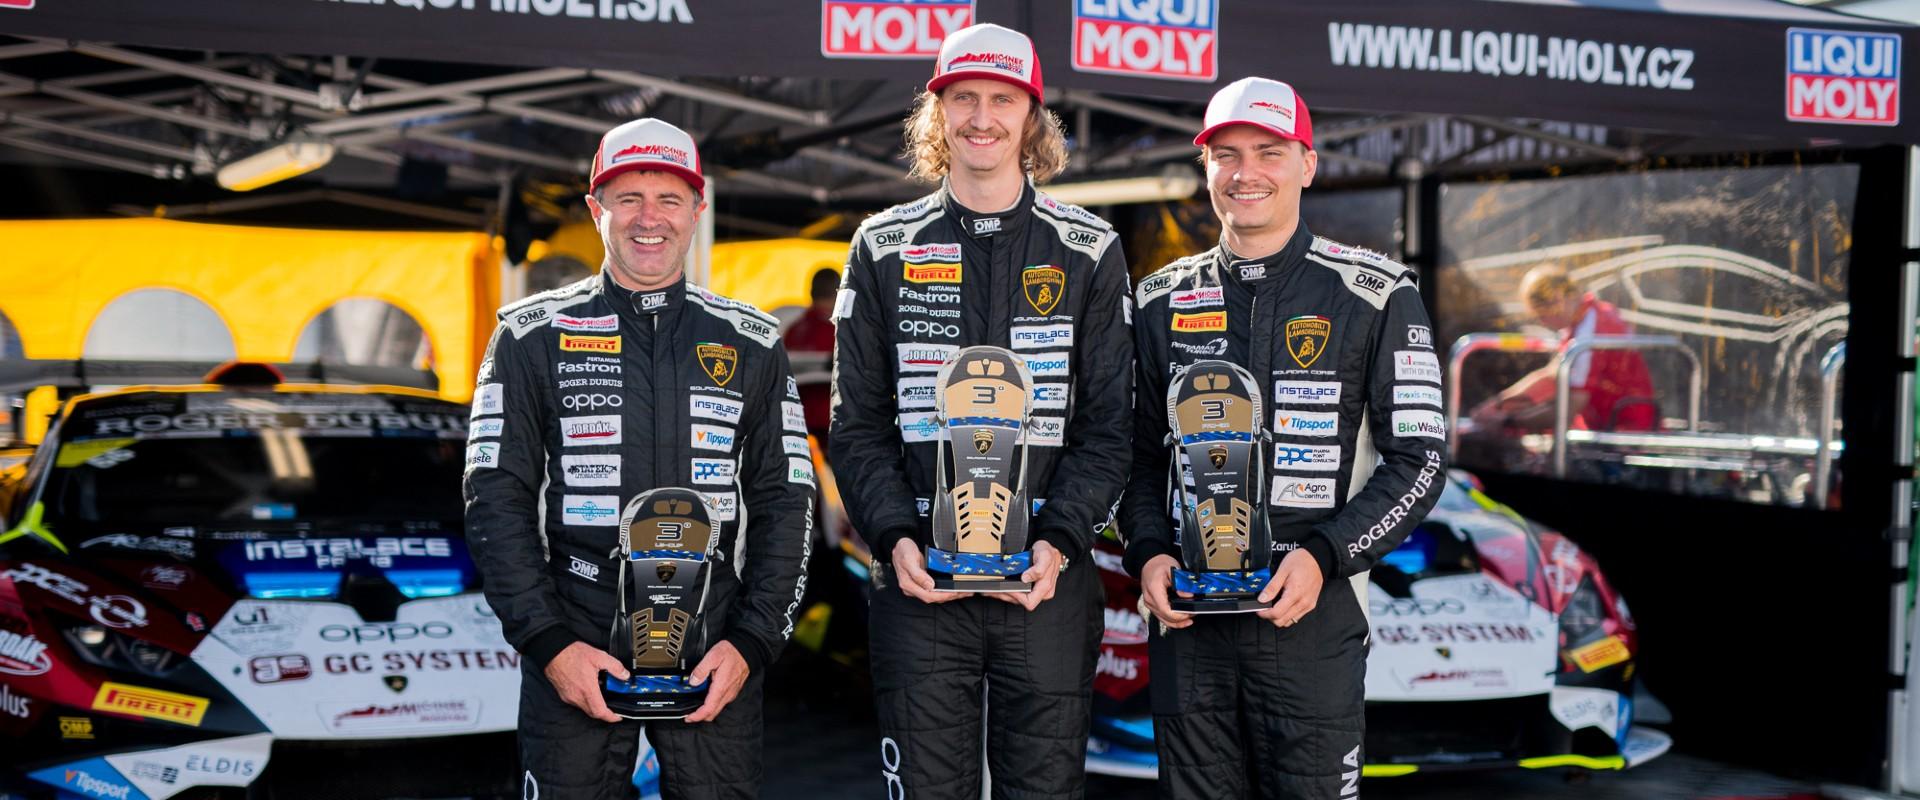 """Mičánek Motorsport powered by Buggyra veze z Nürburgringu dvě podia. """"Měli jsme na víc,"""" mrzí zpětně Mičánka jr."""